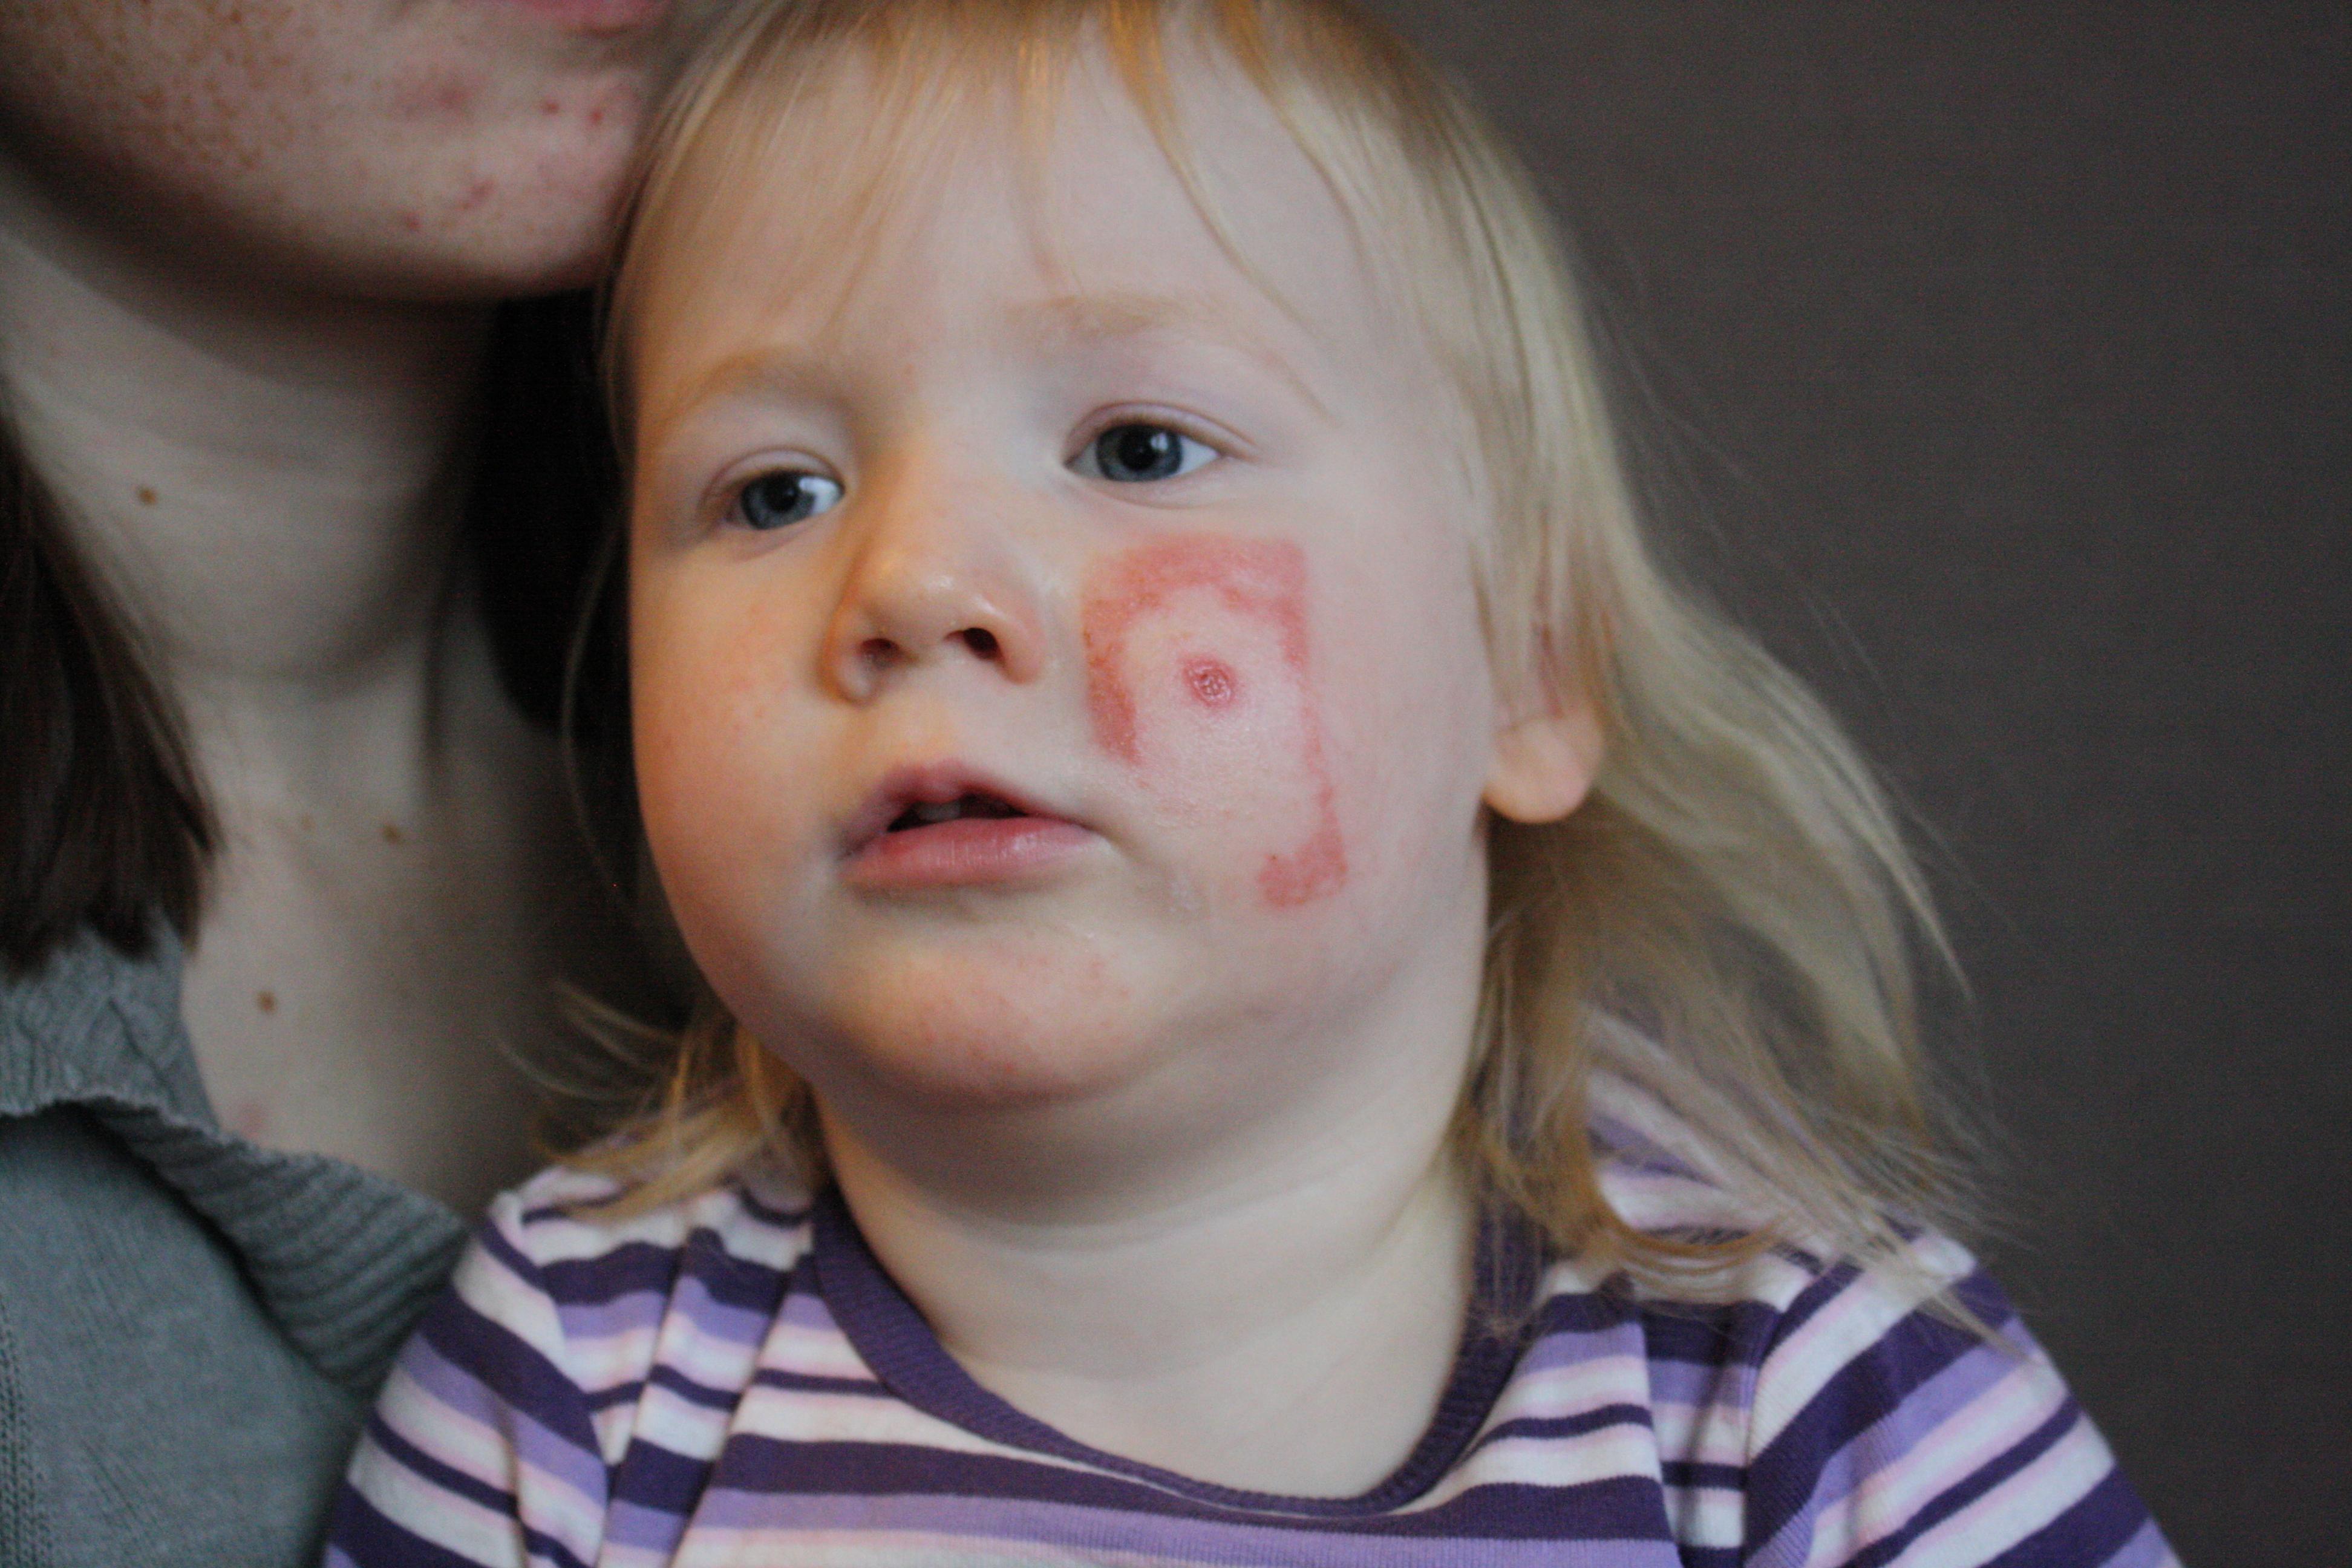 Molly är allergisk mot latex plåsterlim precis som jag. Att ha ett plåster  mer än några timmar innebär kraftig allergisk reaktion (extrem  trötthet matthet i ... 42d2bb6058c5d